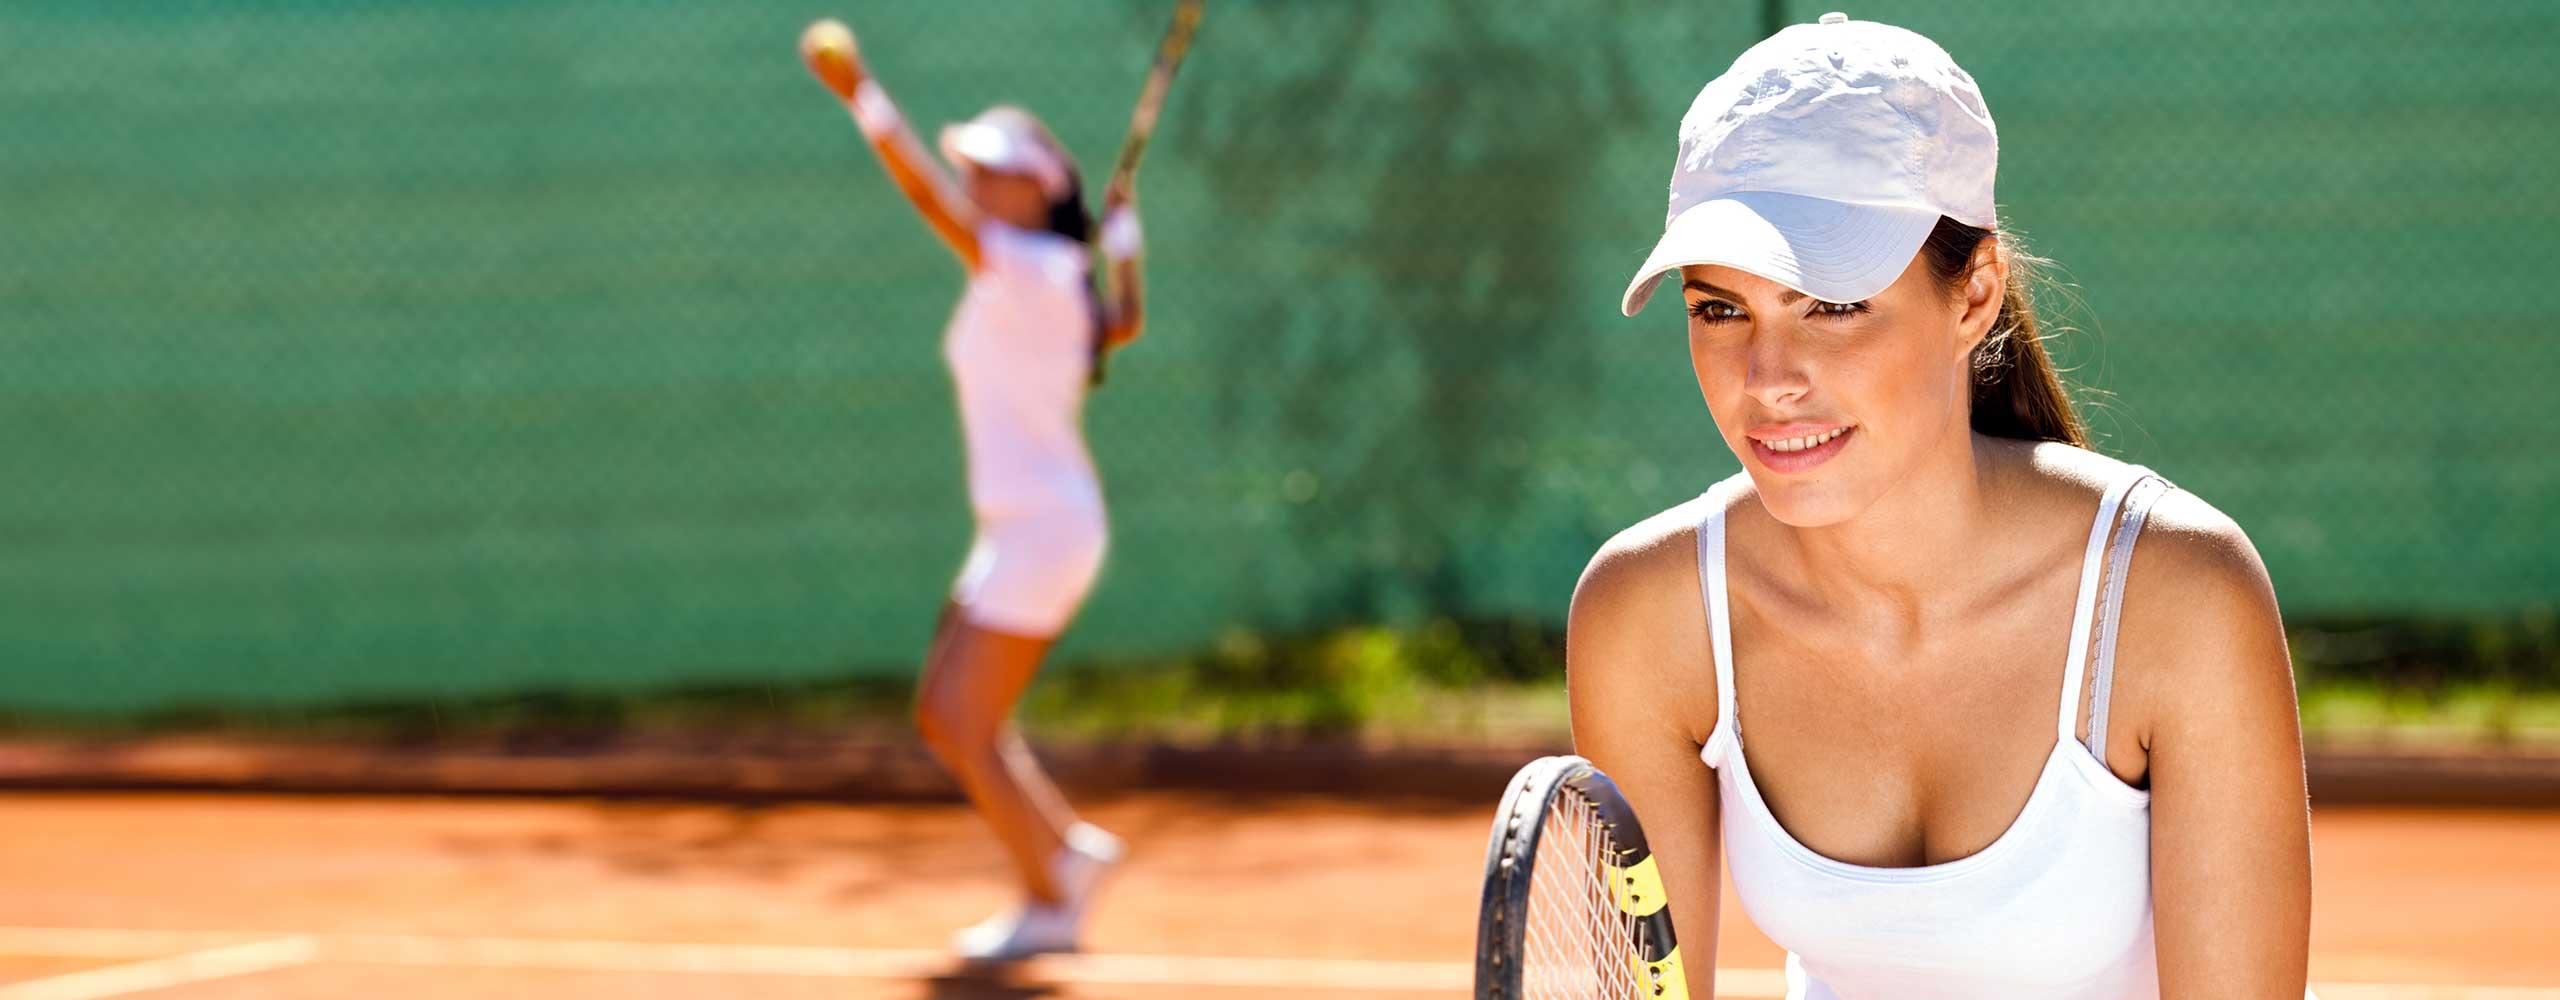 Sito Web per Associazione Sportiva | Preventivo Realizzazione Sito Web per Associazione Sportiva | PRINGO